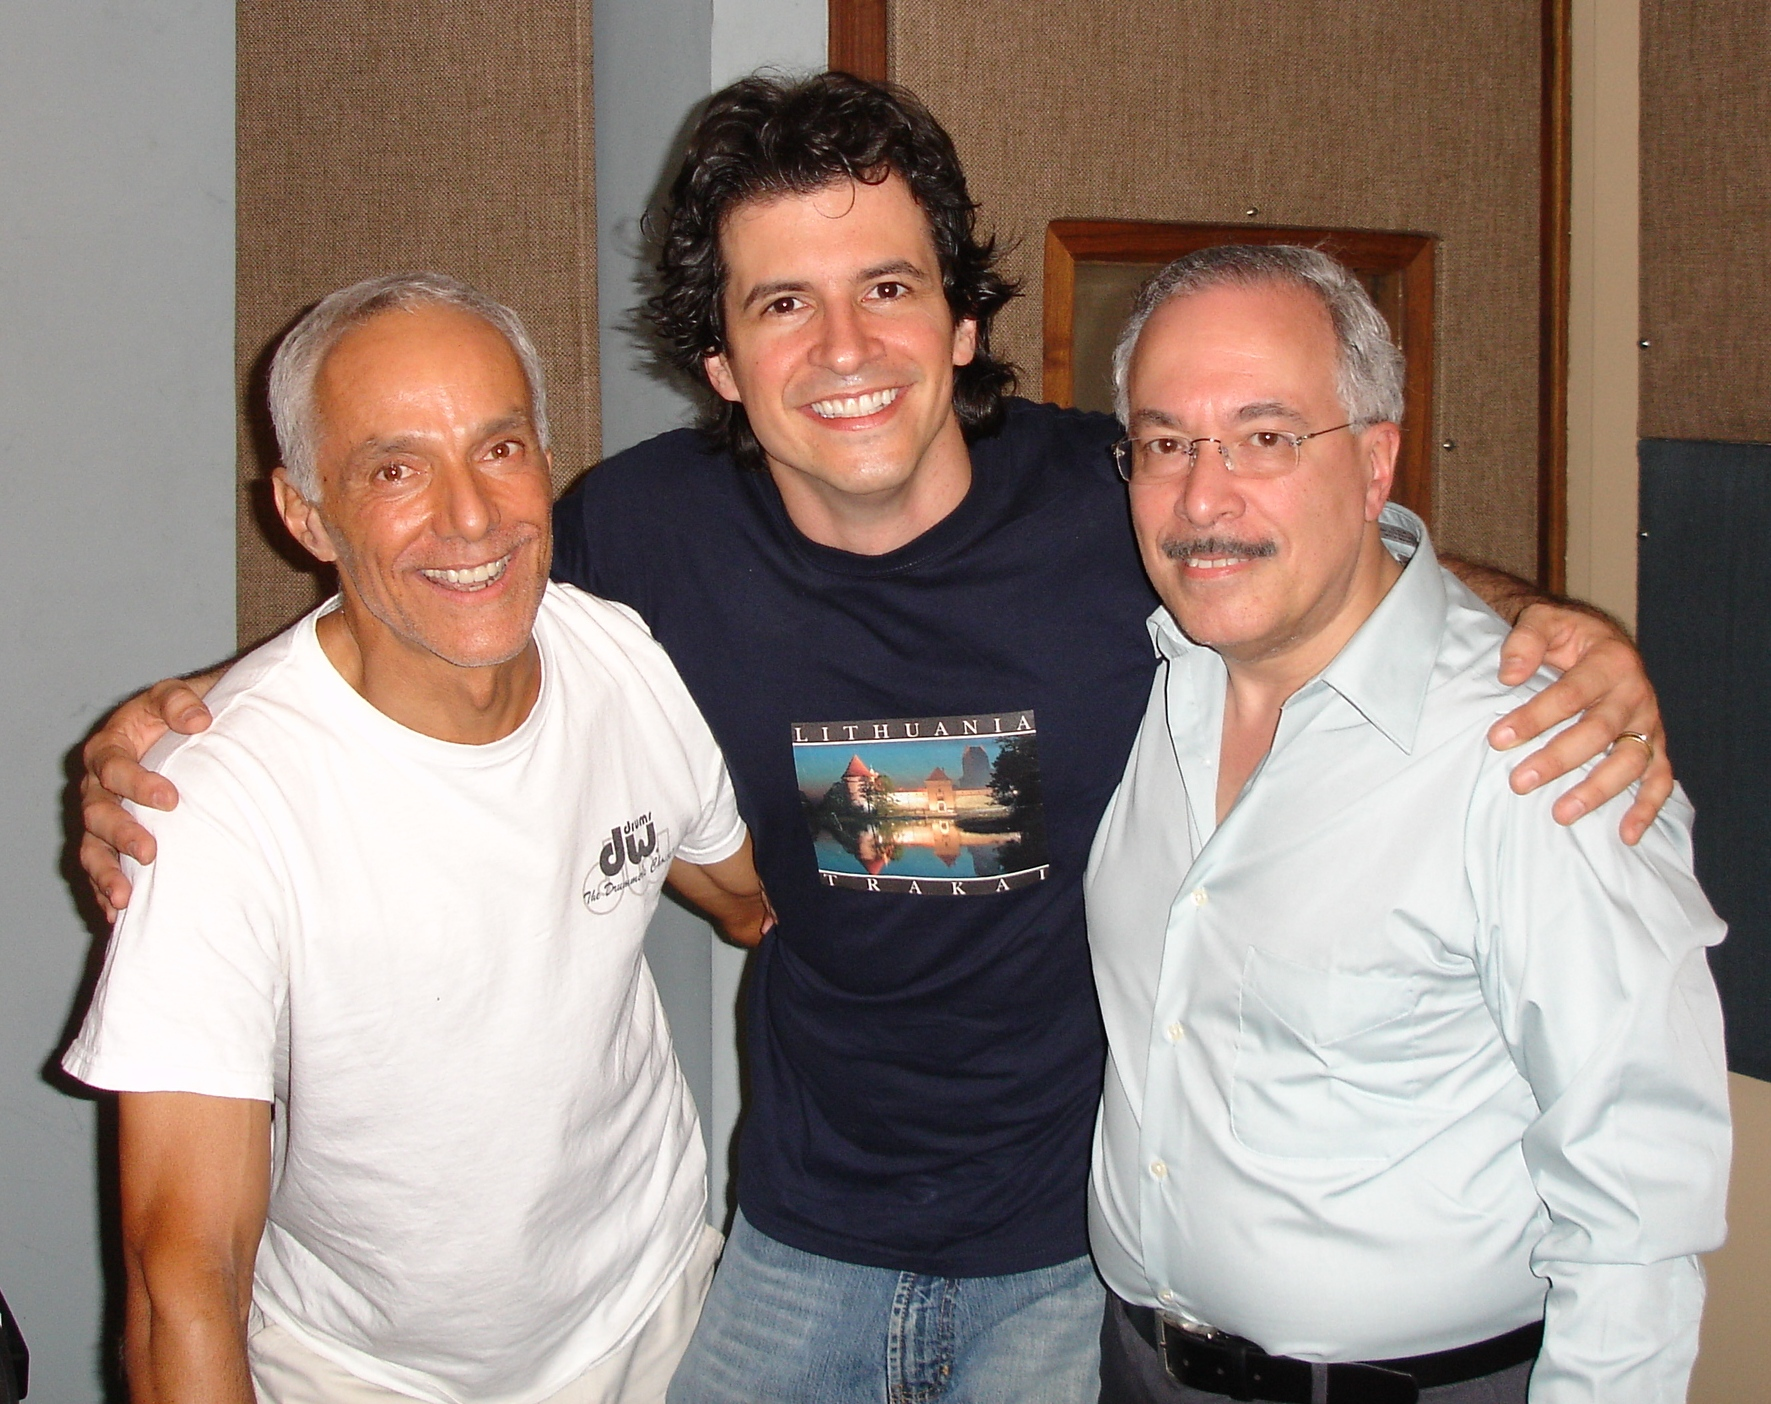 En uno de sus regresos a Puerto Rico, Eddie Gómez (izquierda) comparte con sus compañeros músicos Efraín Toro y Ramón Vázquez. (Foto suministrada)